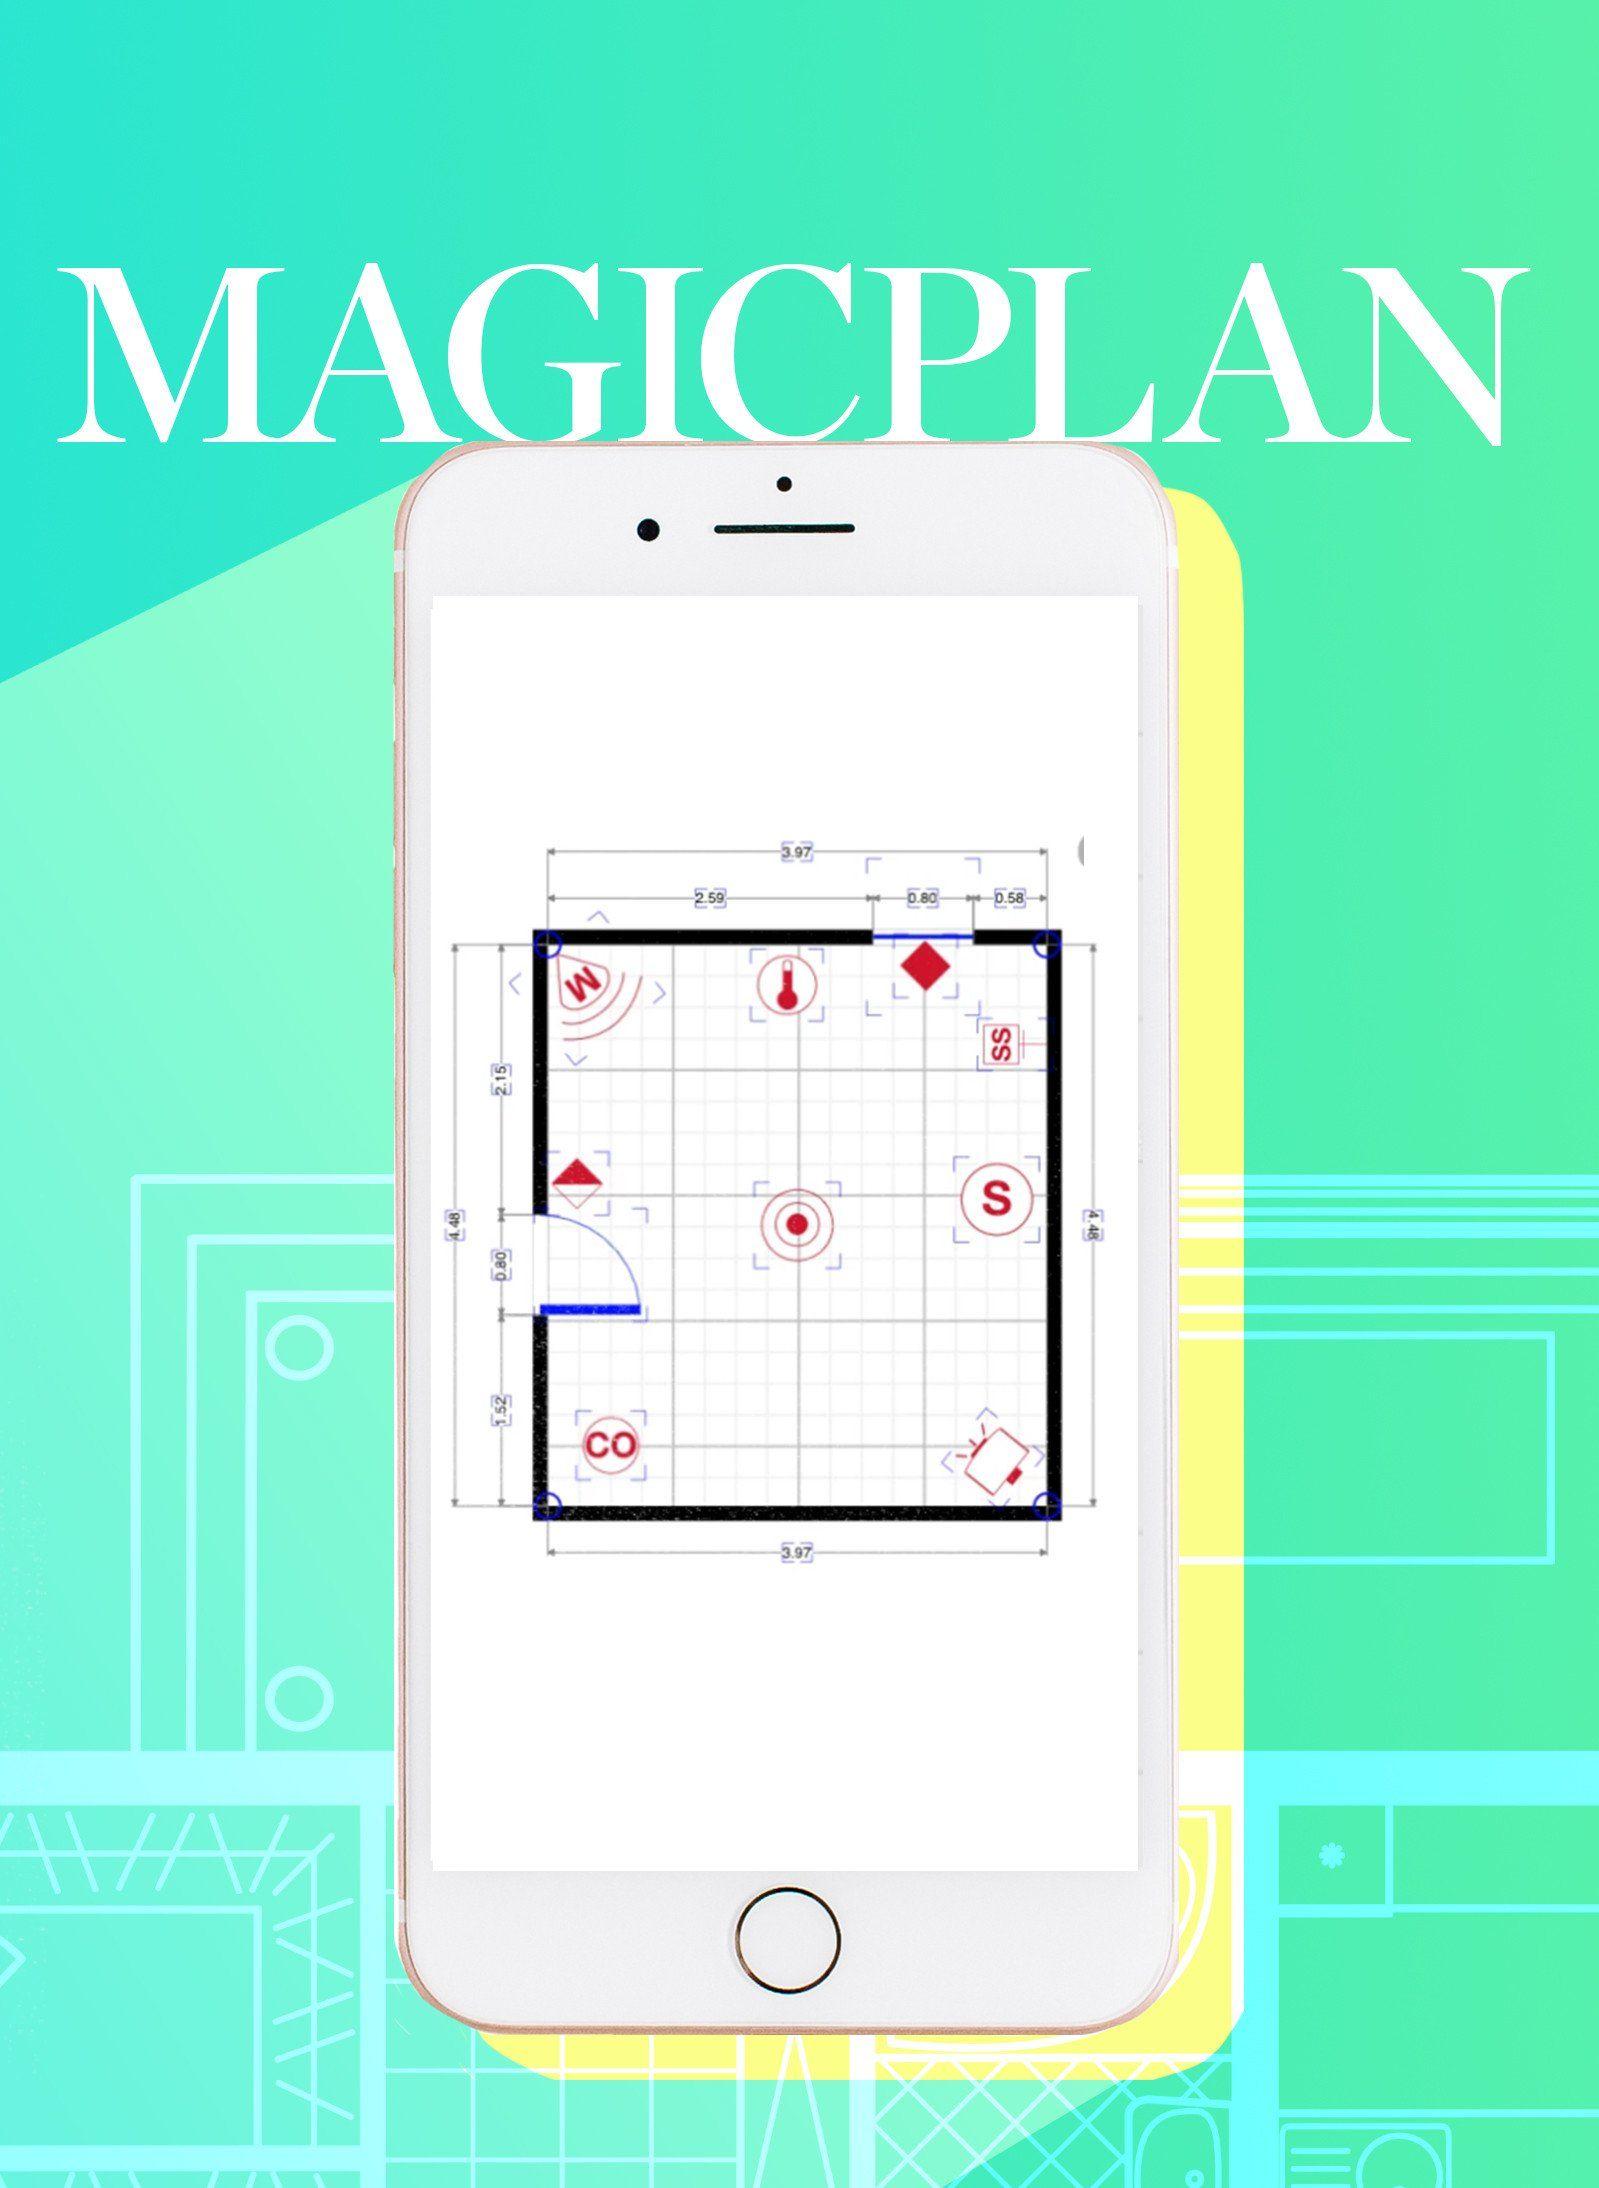 Bedroom Design Tool Online Free Best Of The 7 Best Apps For Room Design Room Layout In 2020 Room Layout Room Layout Planner Room Layout Design